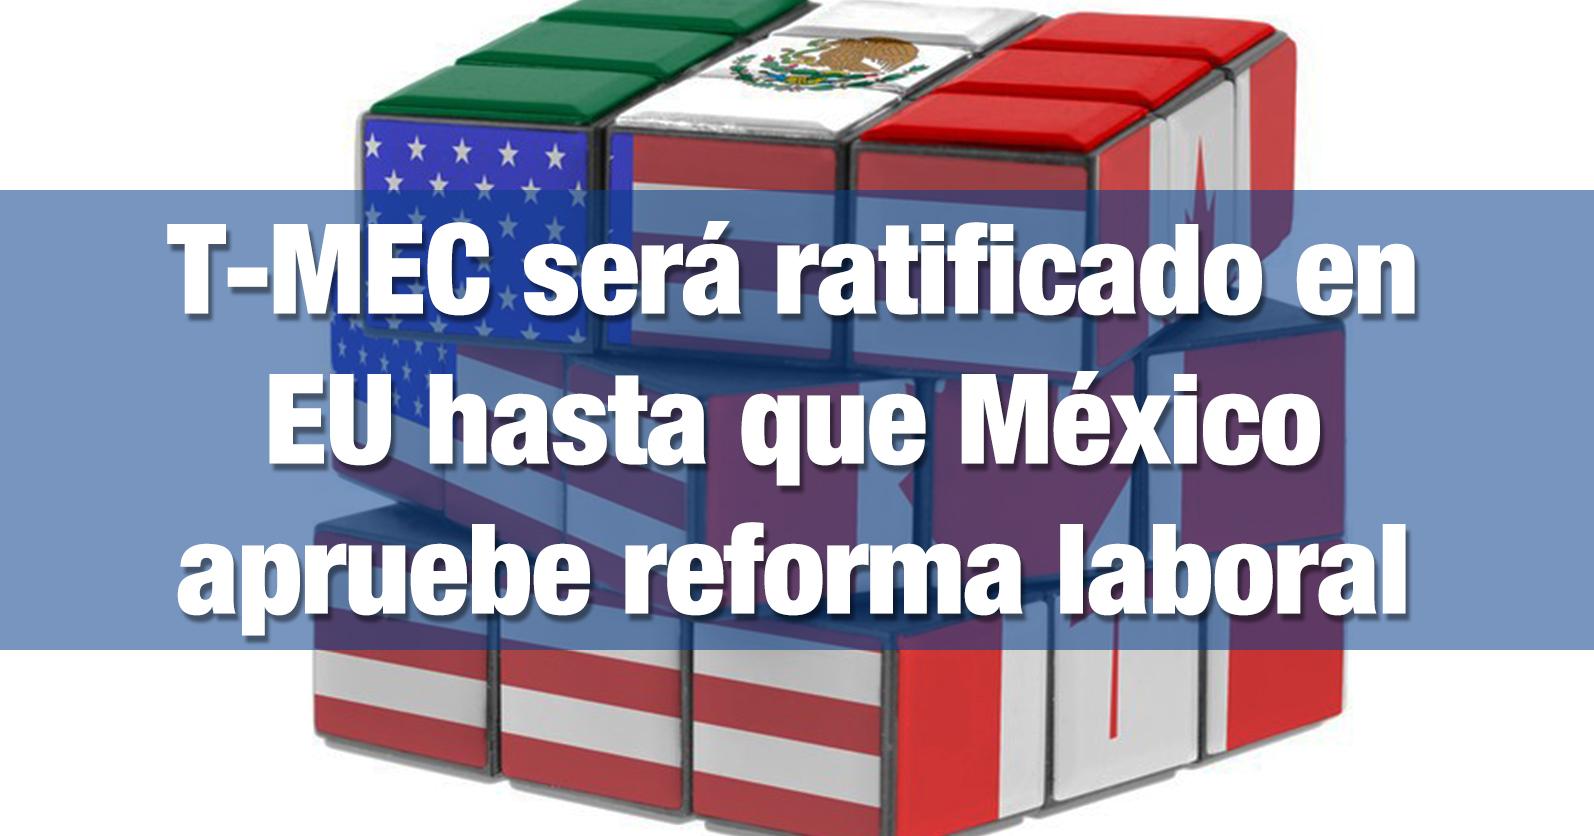 T-MEC será ratificado en EU hasta que México apruebe reforma laboral